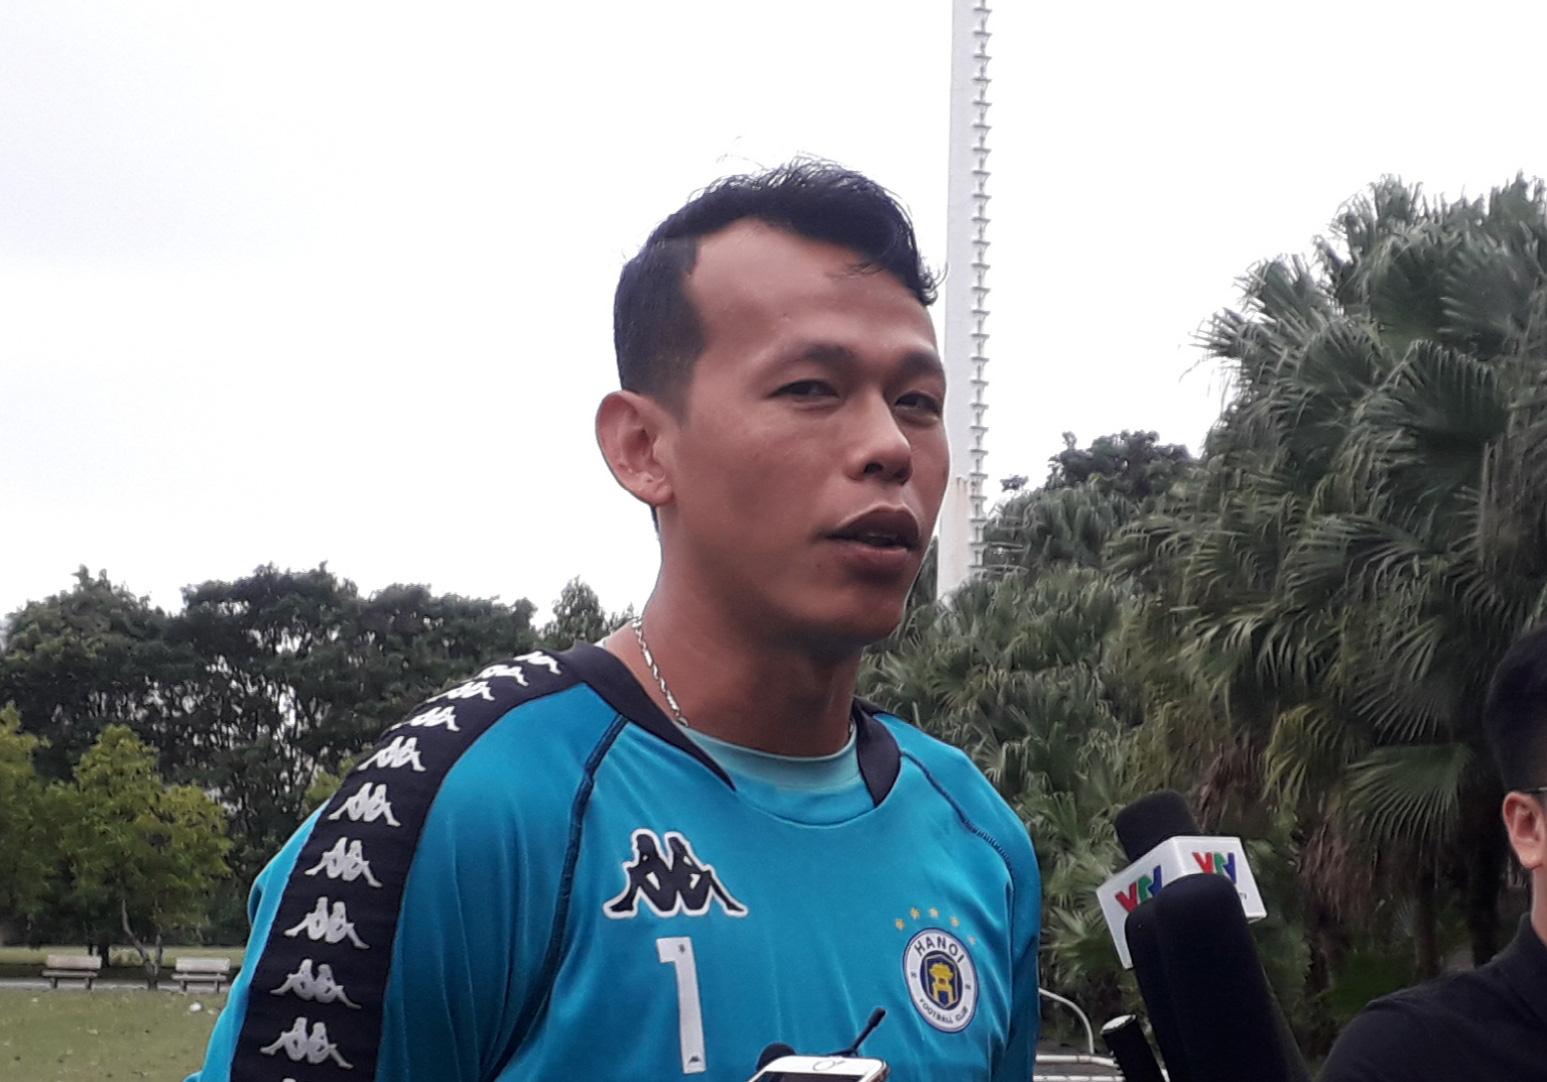 Thủ môn Tấn Trường cho rằng Tiến Linh là chân sút hay nhất Việt Nam lúc này. Ảnh: Tuệ Minh